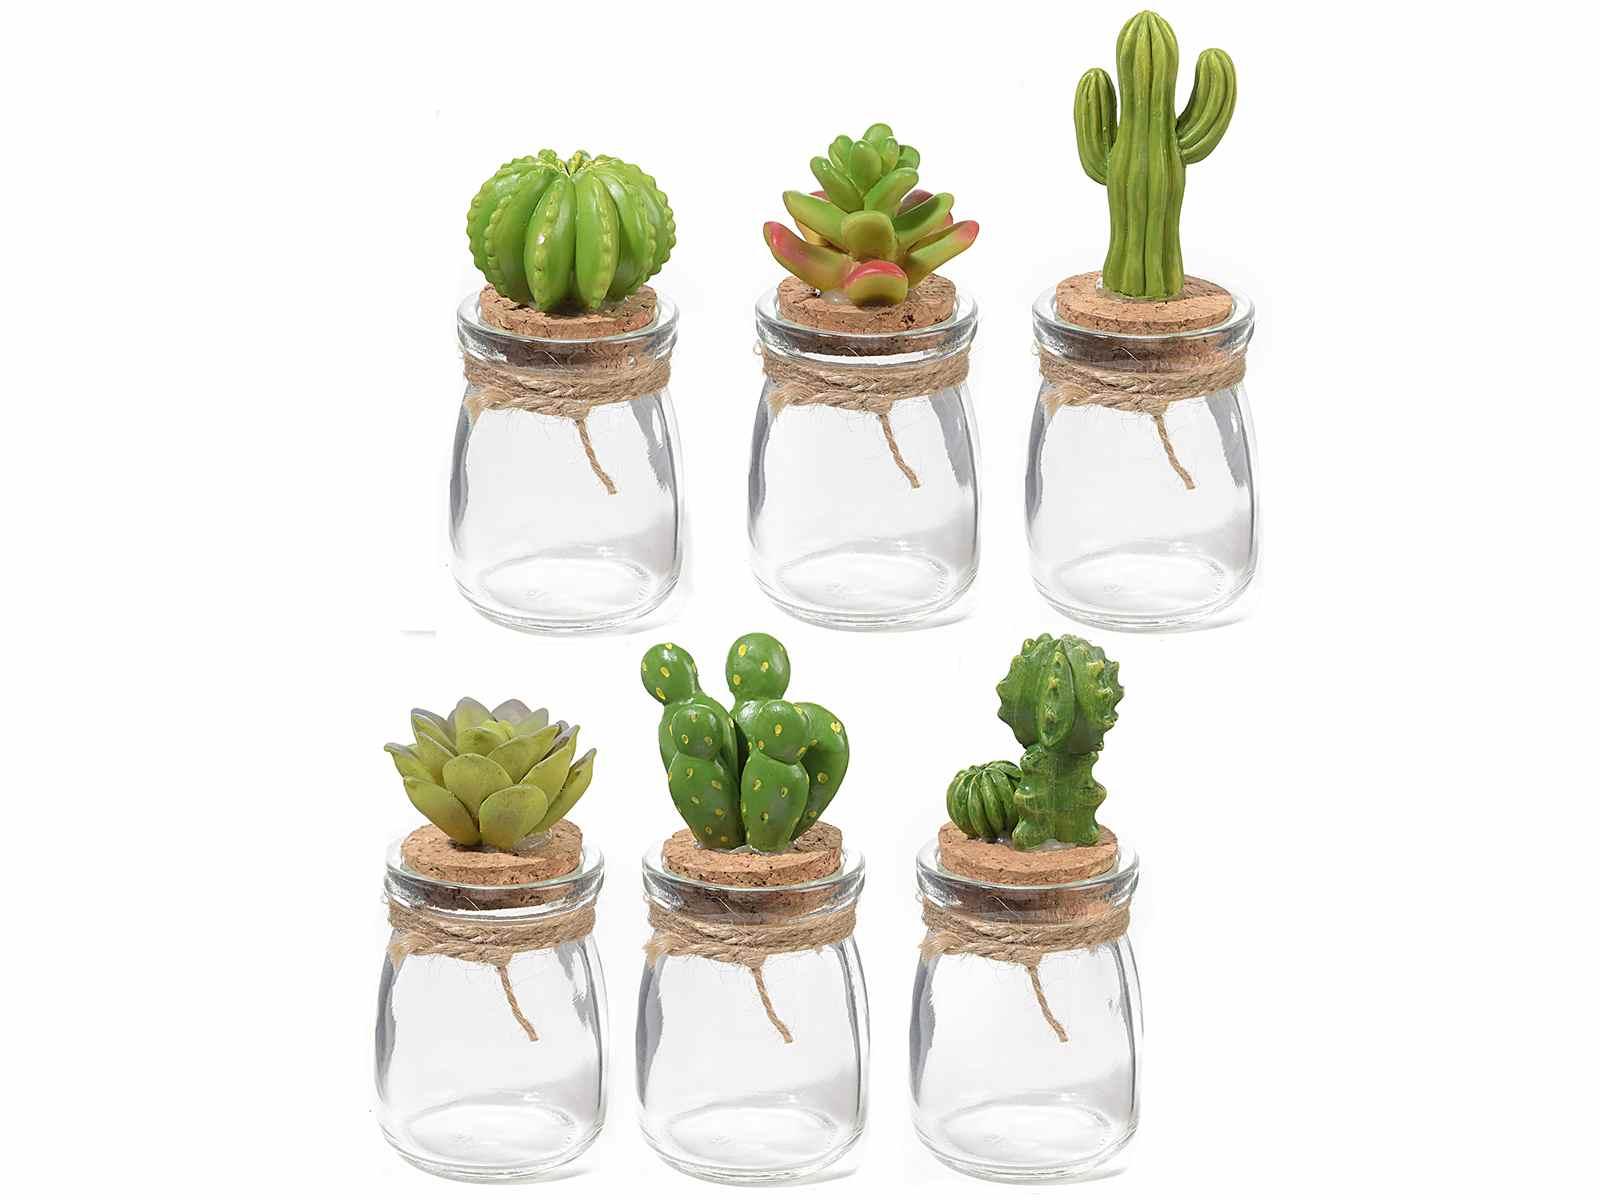 Barattolino in vetro c tappo sughero e decoro pianta grassa art from italy - Mobiletti in vetro ...